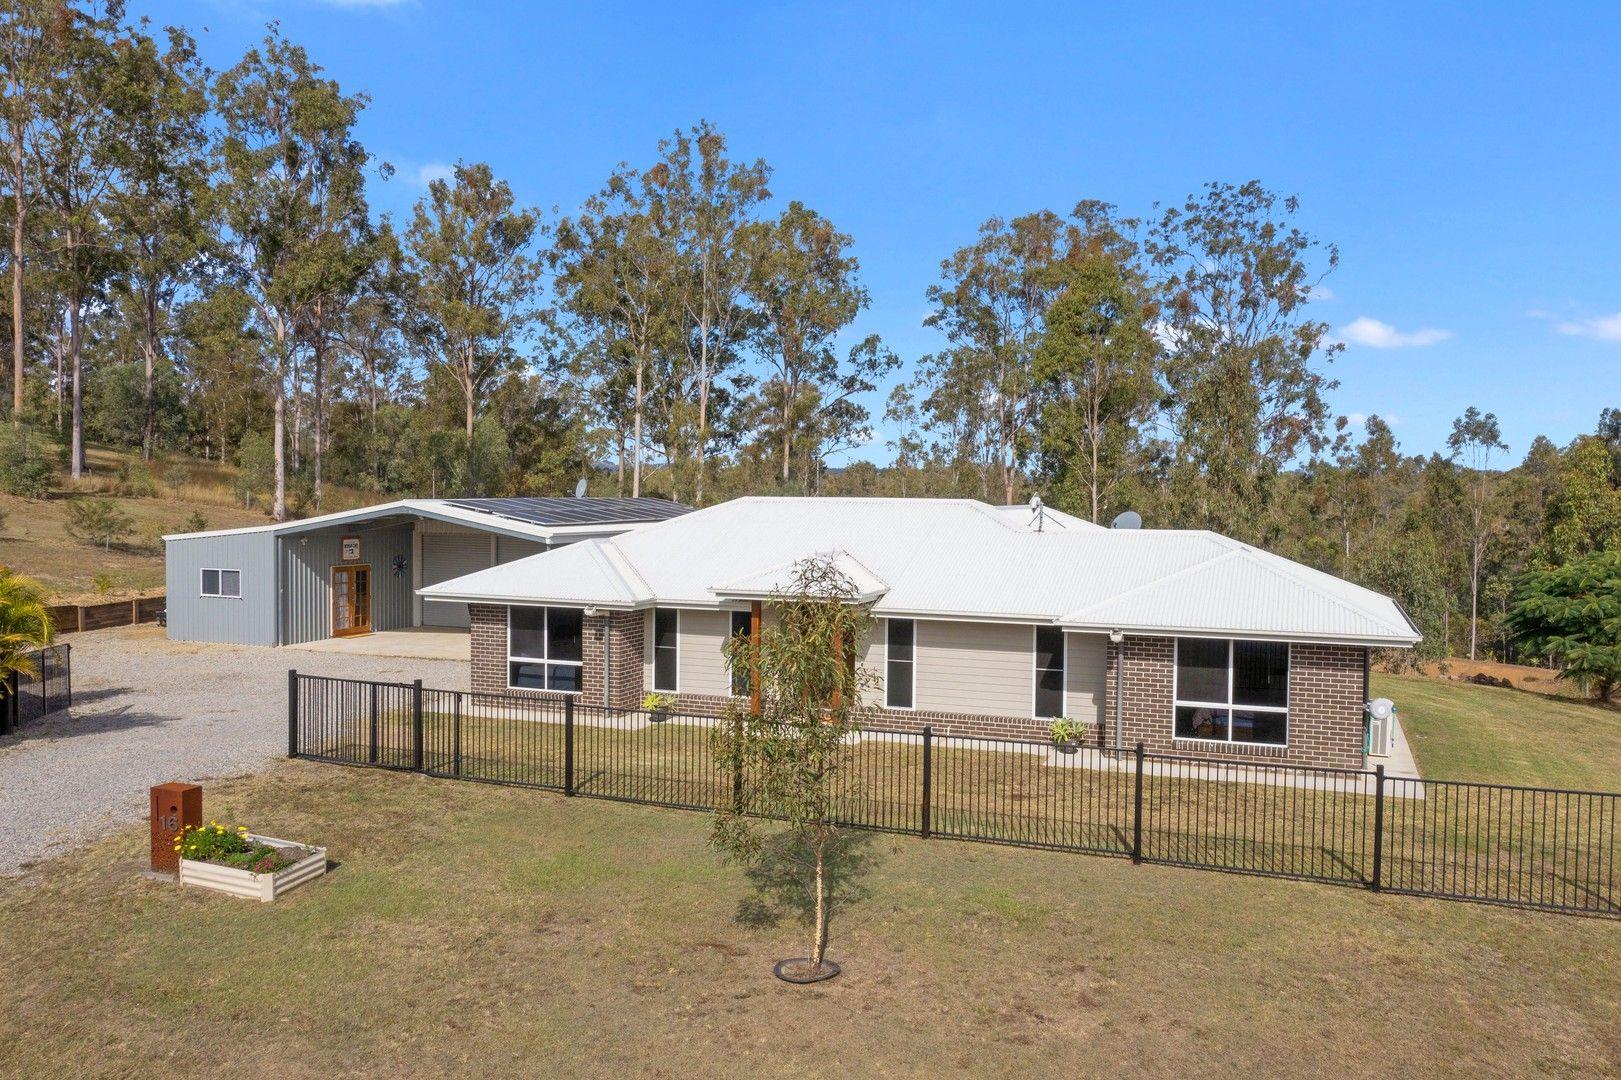 16 Tegan Road, Curra QLD 4570, Image 0